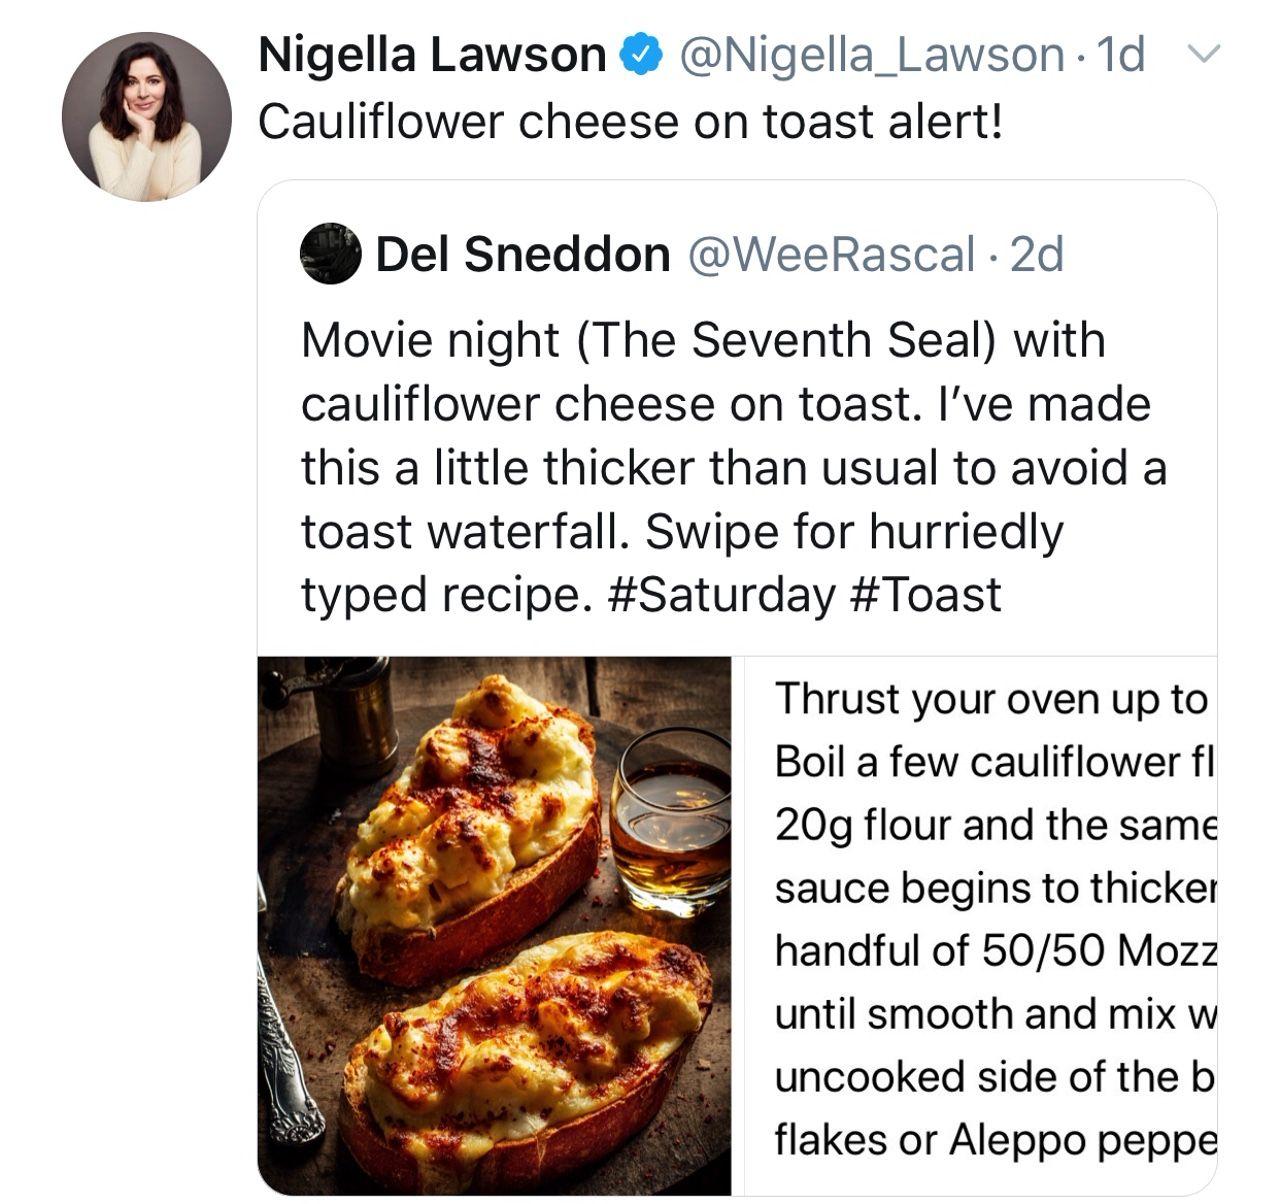 Cauliflower Cheese On Toast